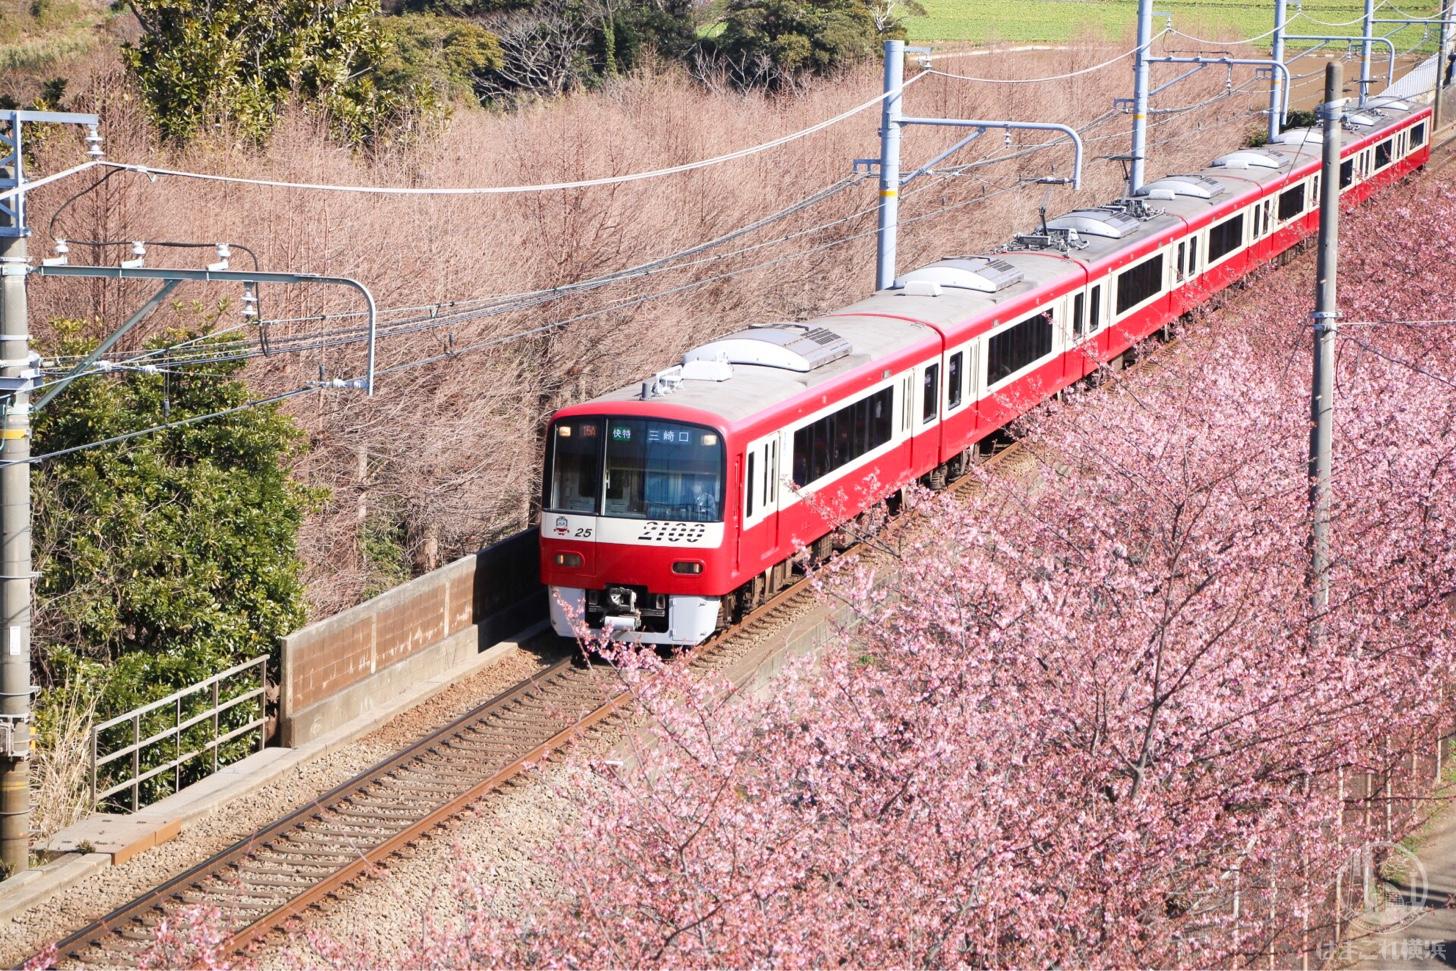 神奈川県 河津桜スポット「三浦海岸桜まつり」で一足先に春満喫!菜の花コラボも魅力